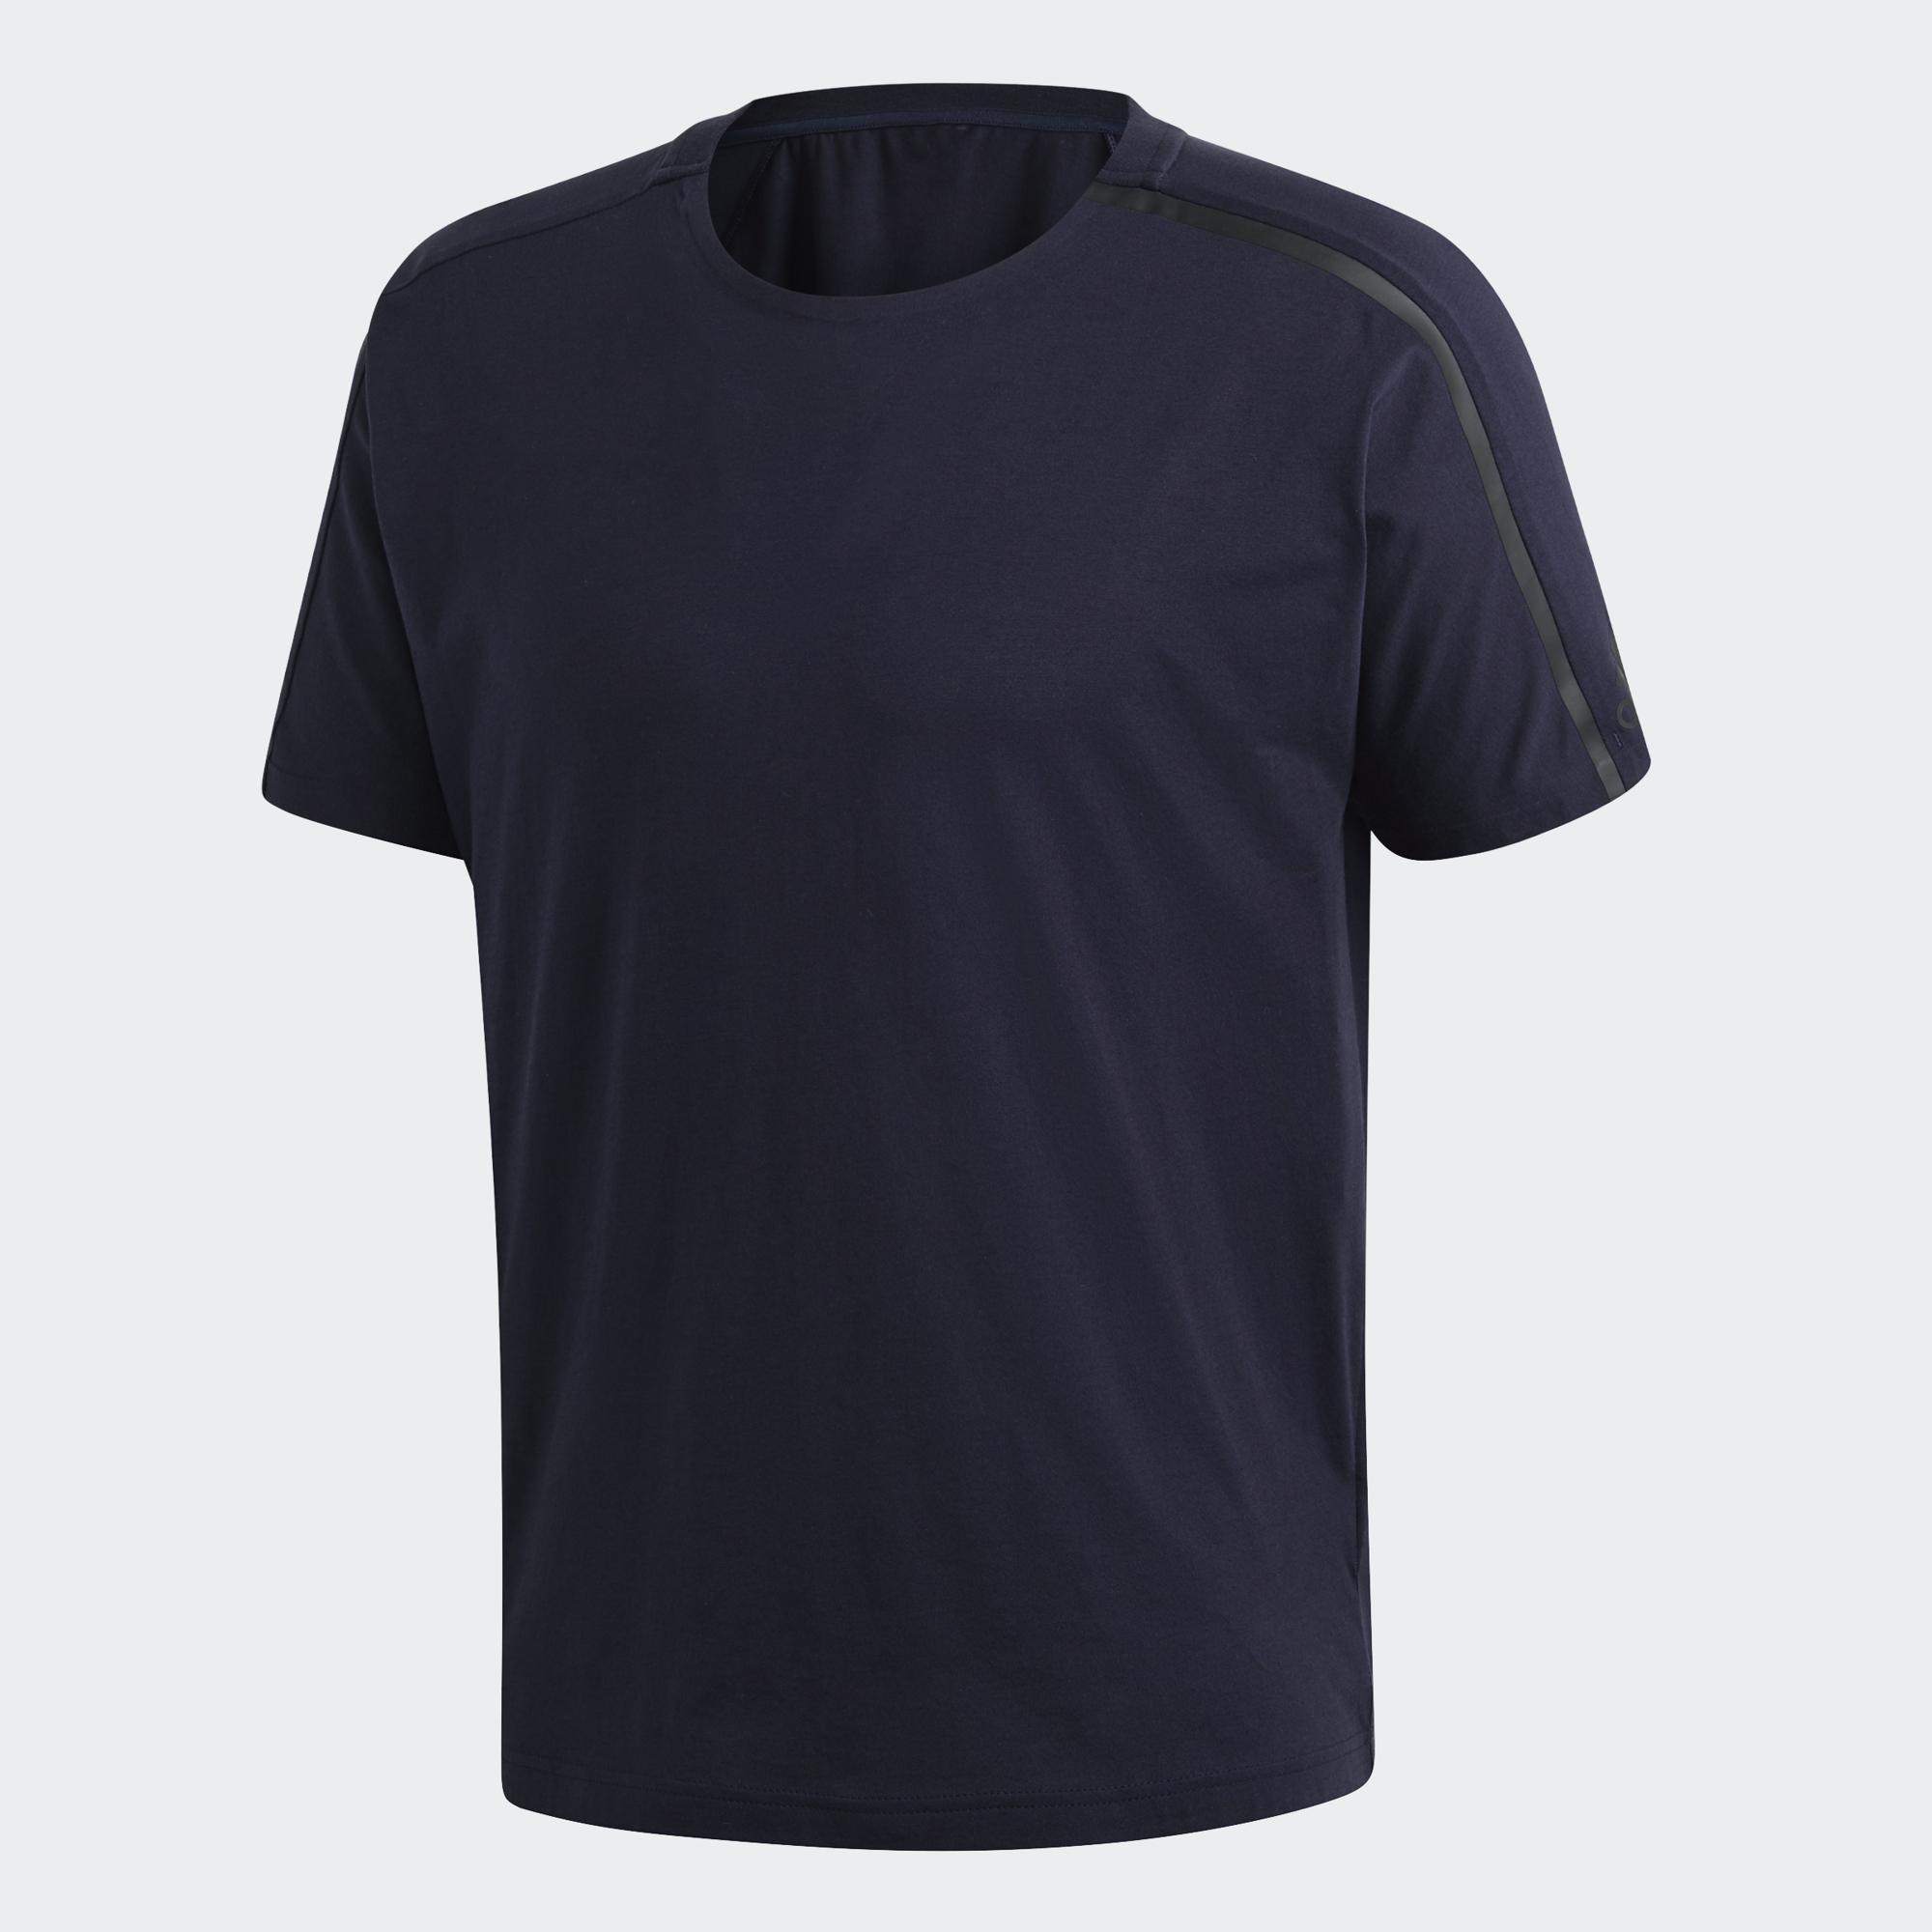 Adidas T-shirt Z.n.e.